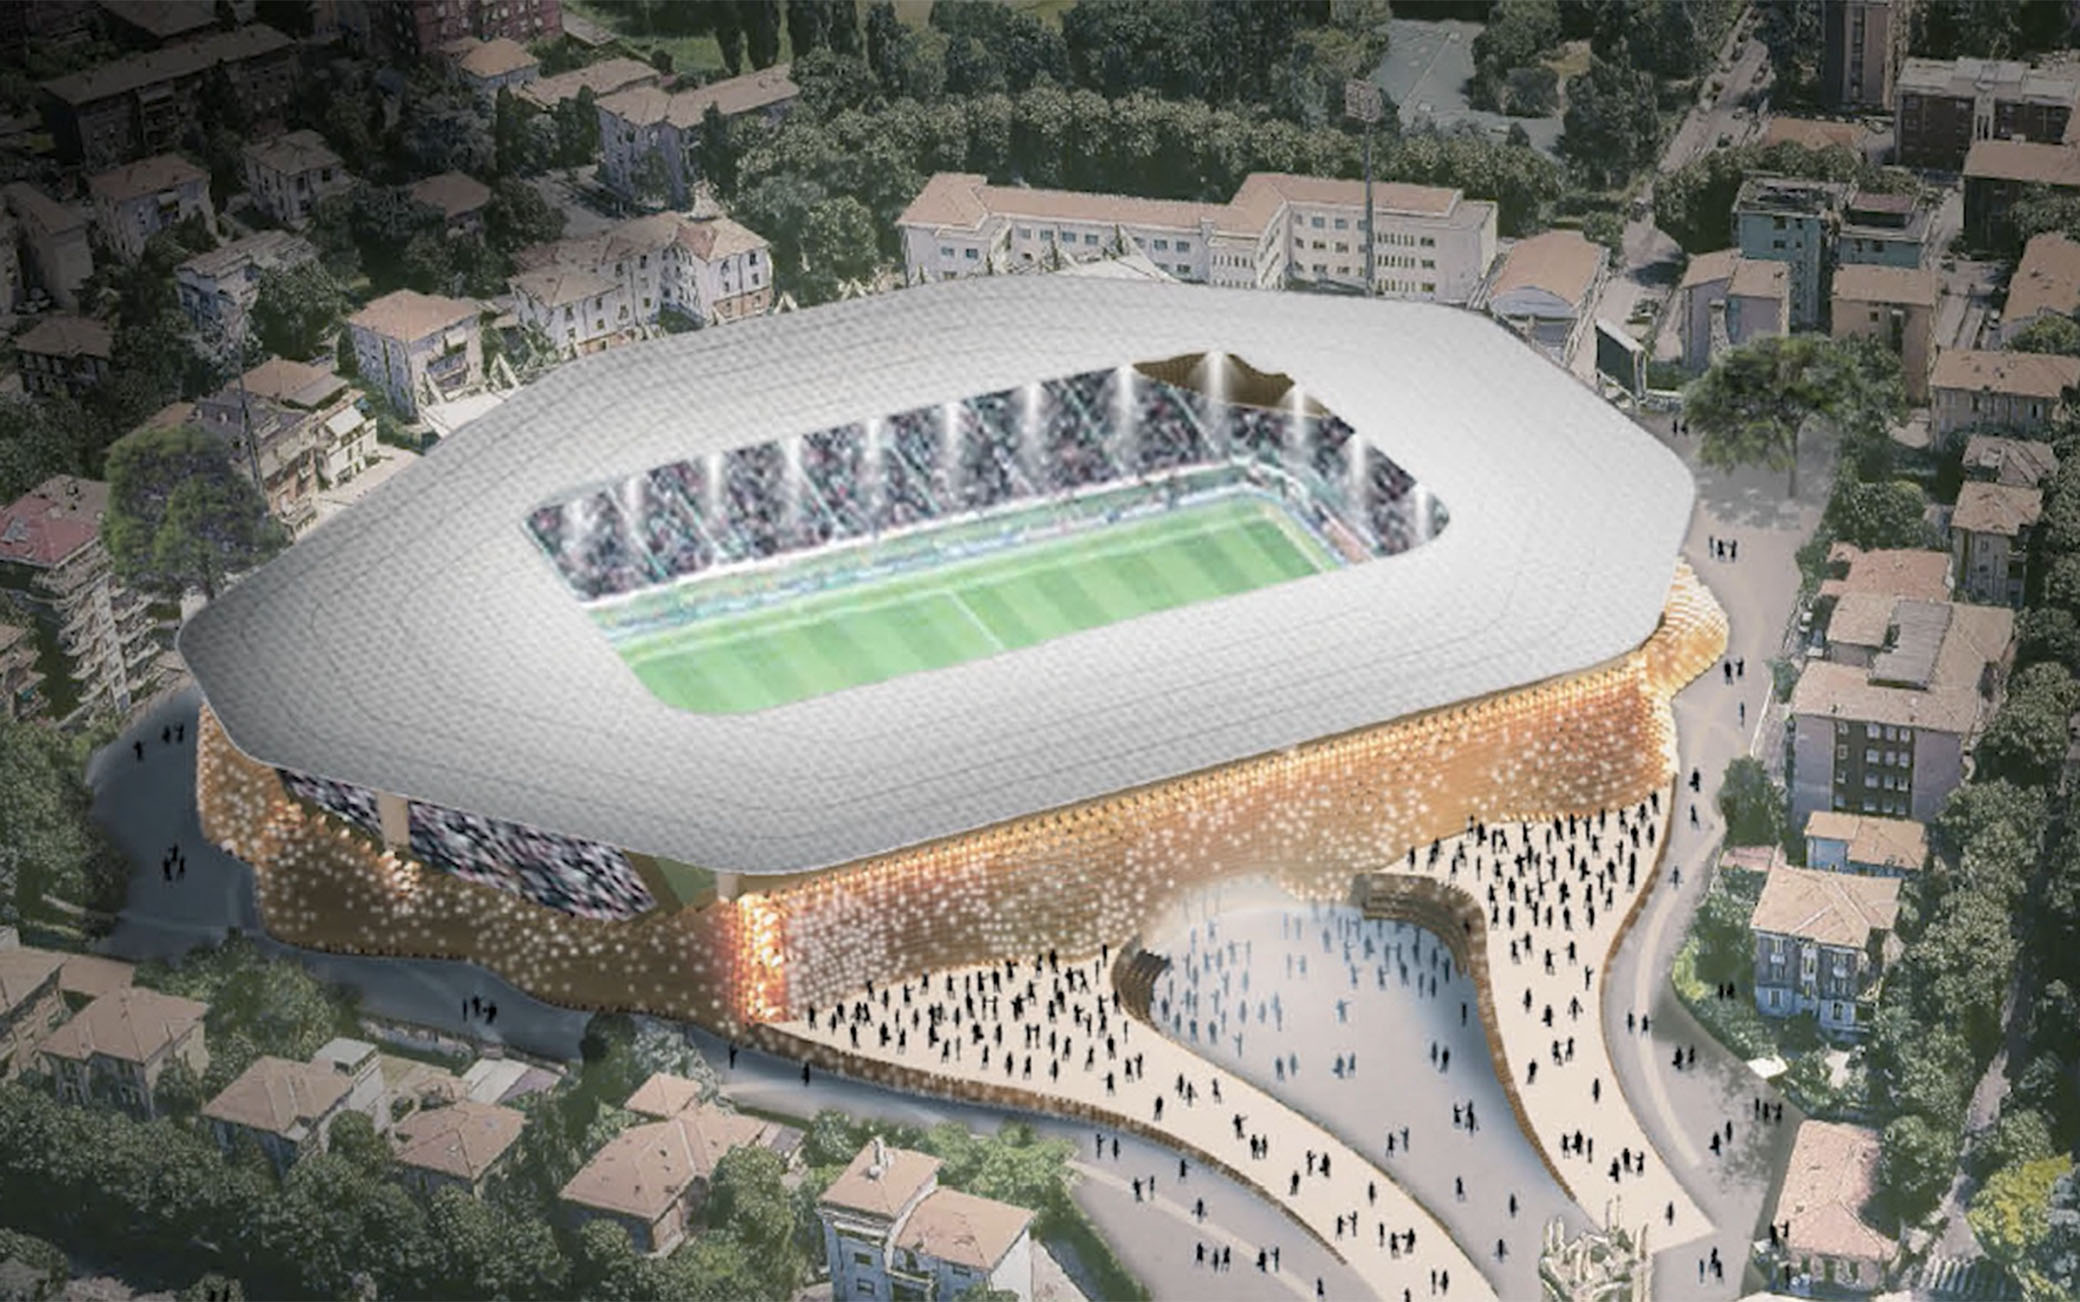 Una panoramica del nuovo stadio Tardini mostrata nel progetto